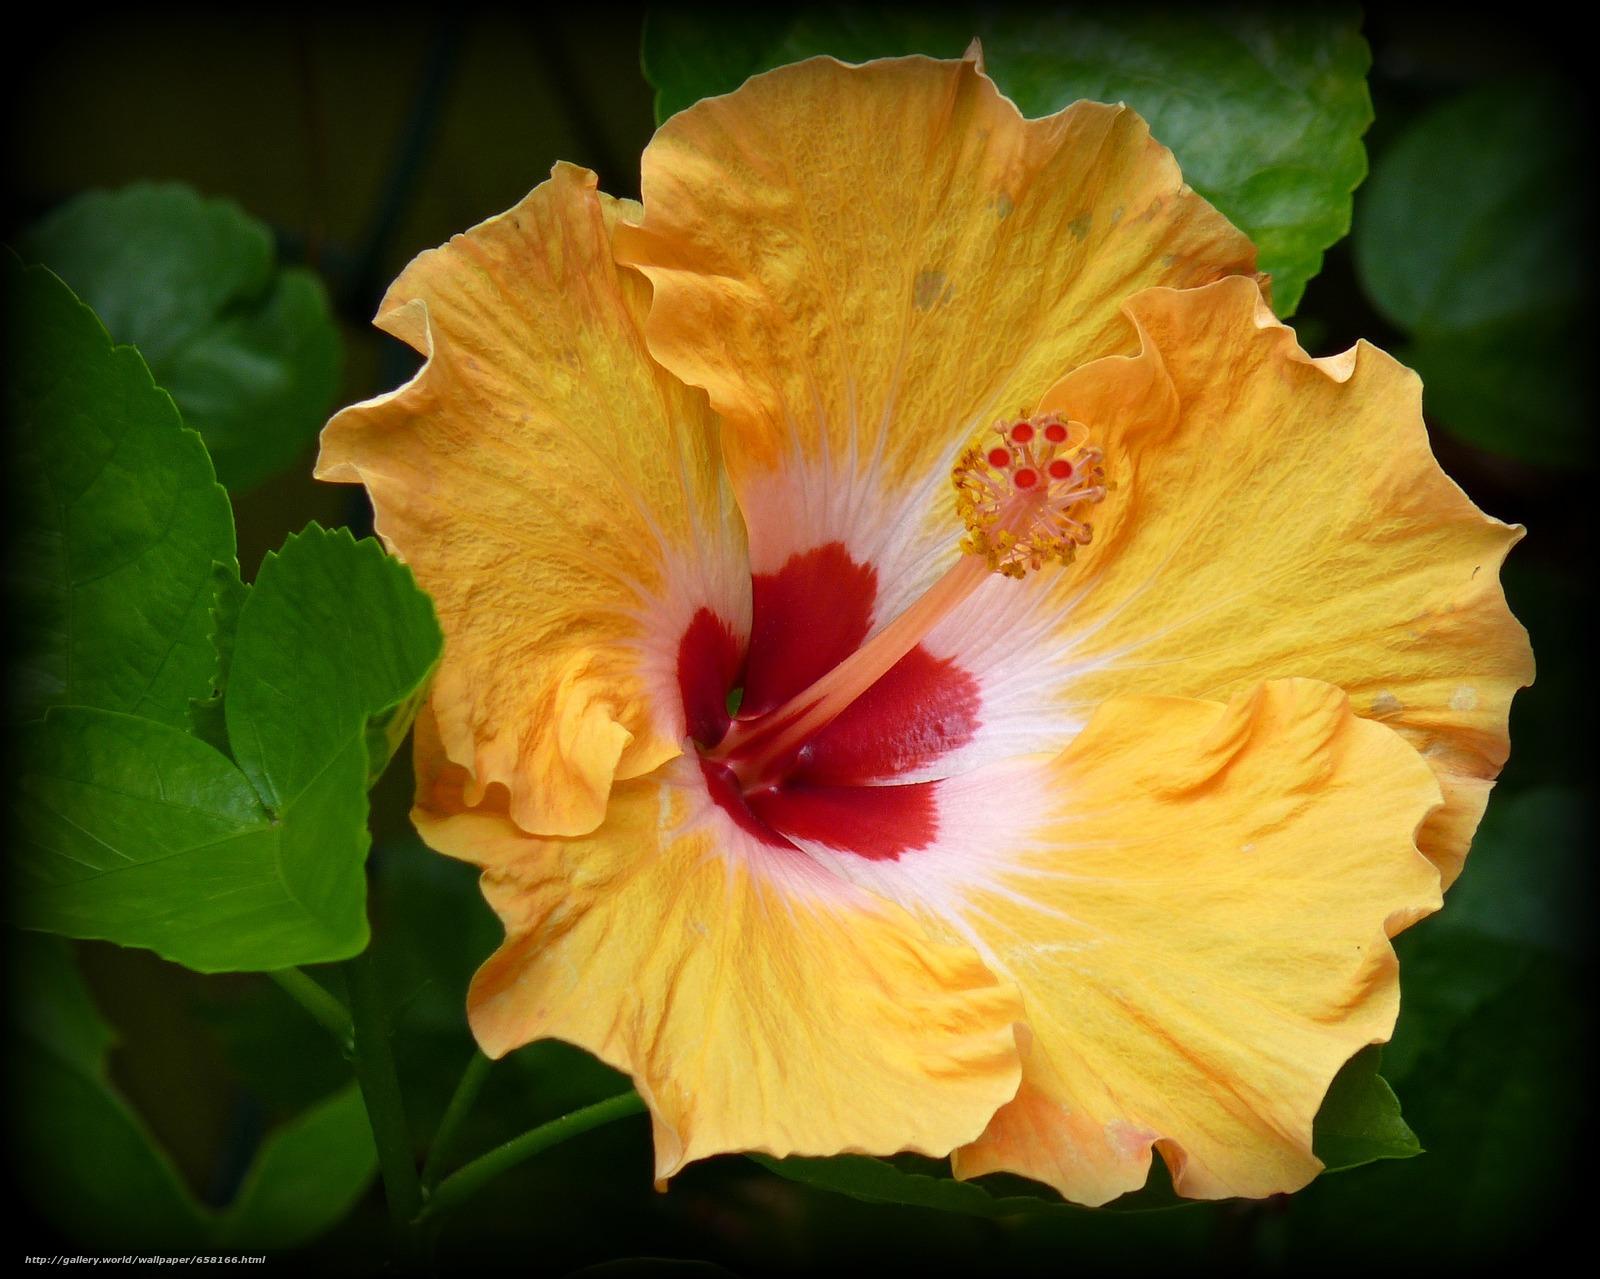 Скачать обои Гибискус,  Hibiscus,  цветы,  цветок бесплатно для рабочего стола в разрешении 2374x1898 — картинка №658166